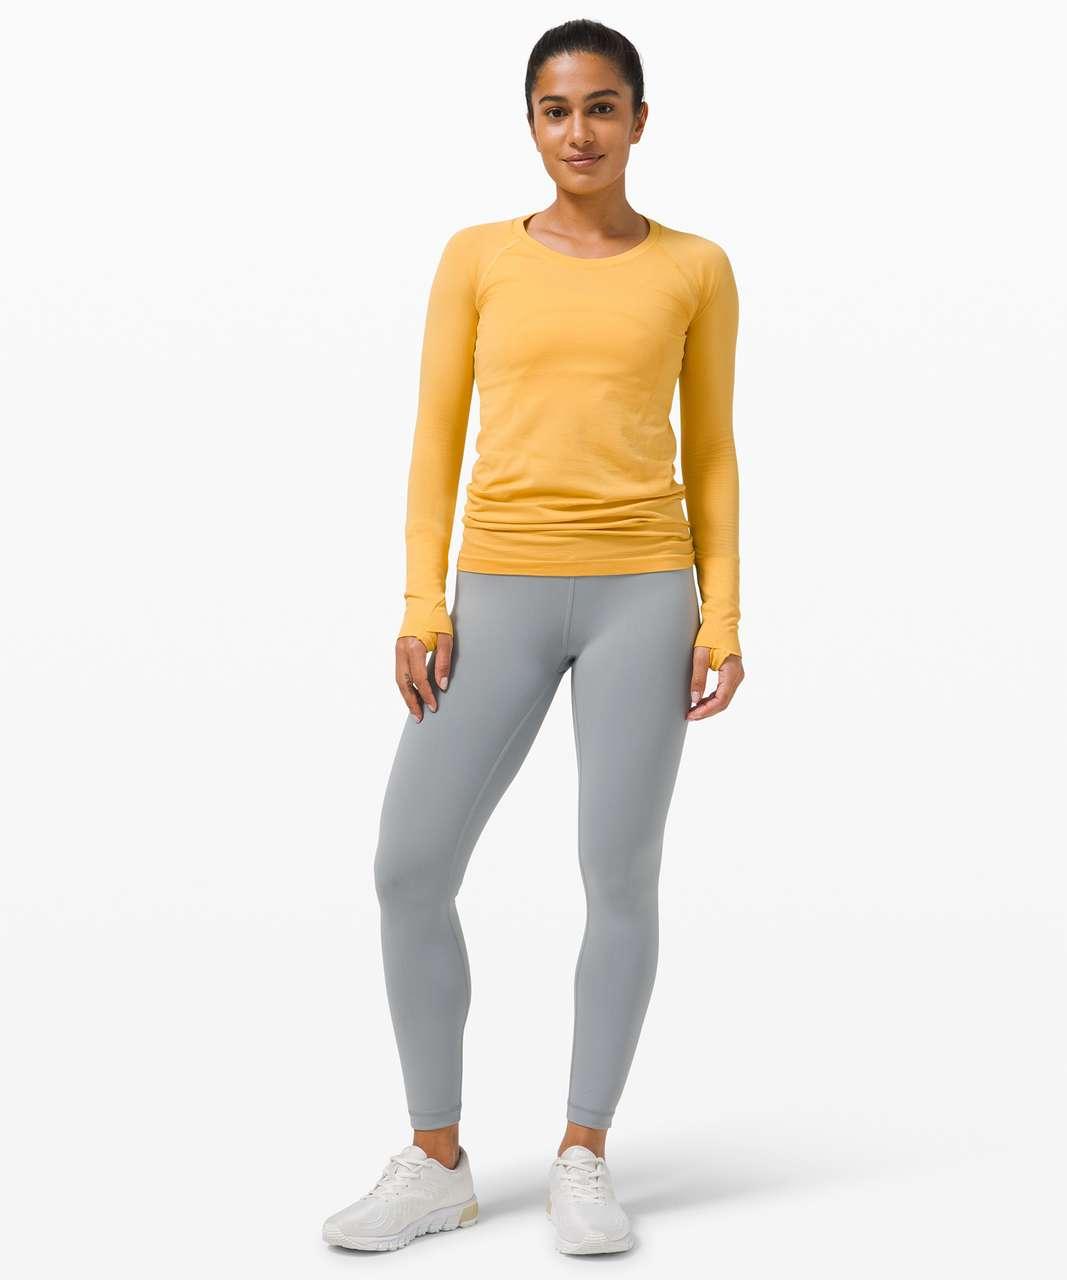 Lululemon Swiftly Tech Long Sleeve 2.0 - Wheat Yellow / Wheat Yellow